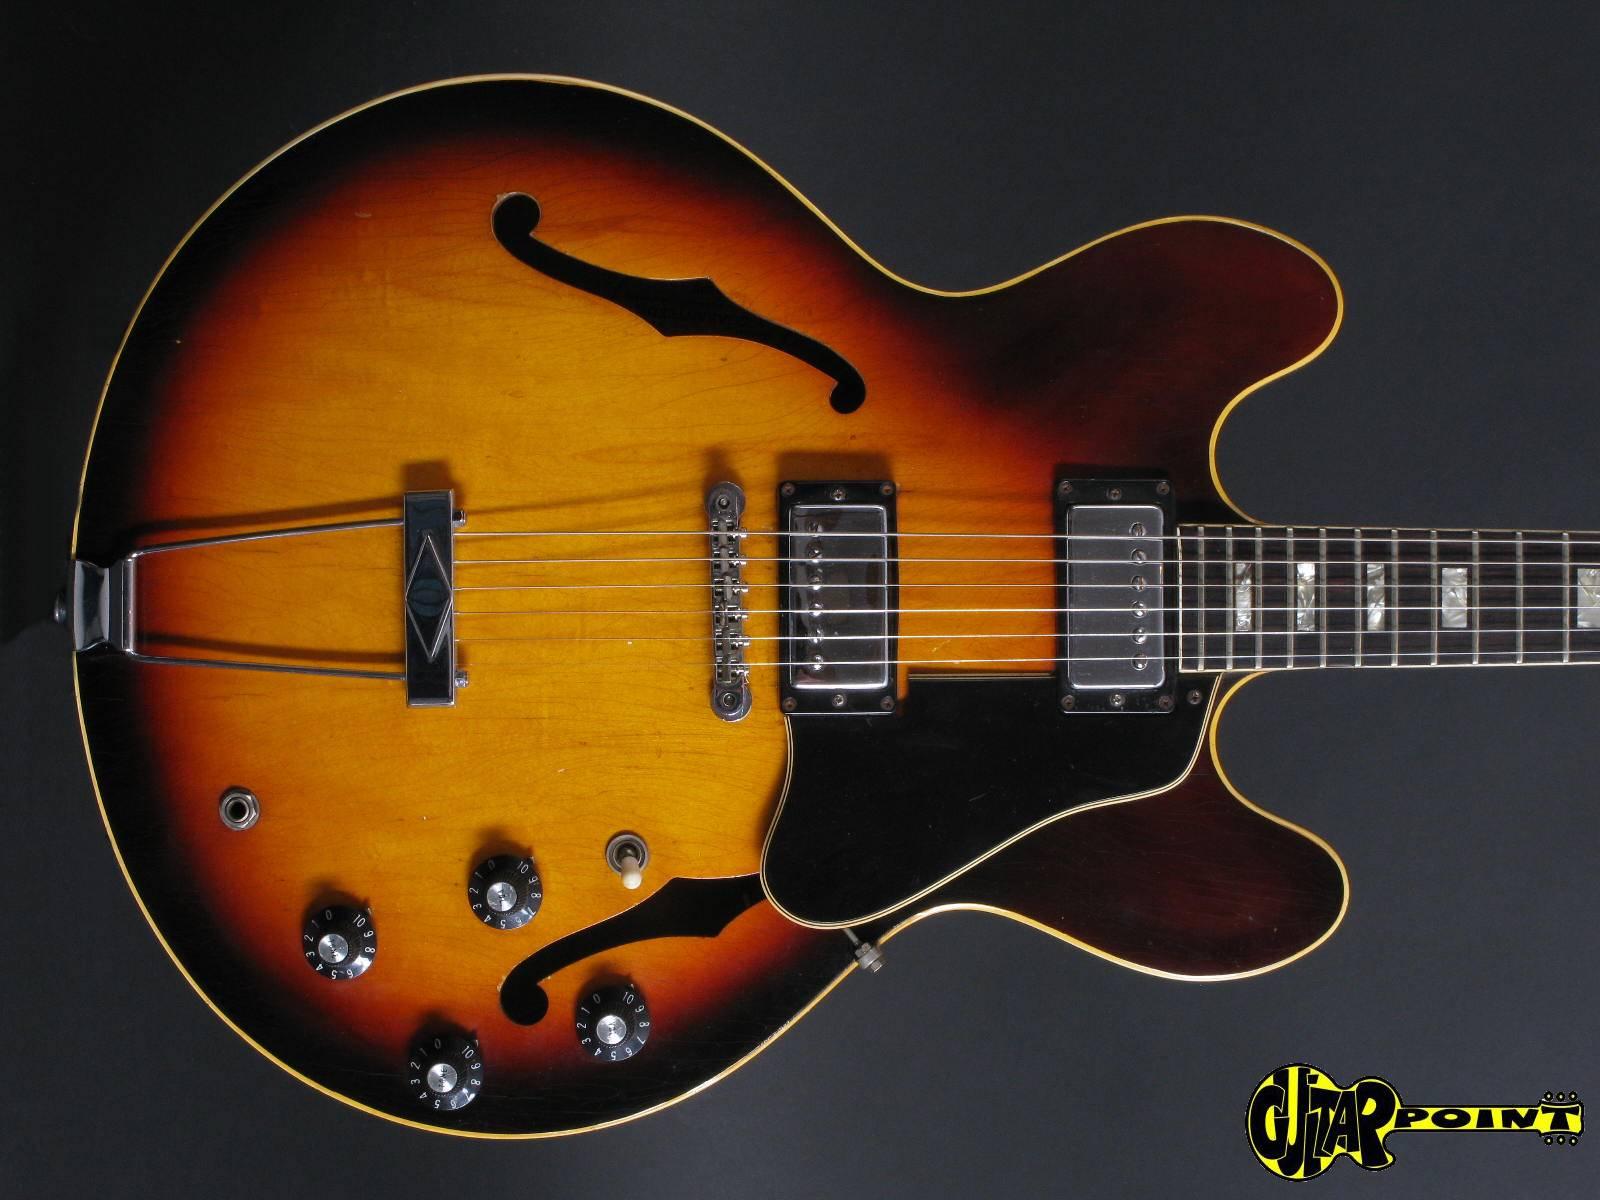 1967 Gibson ES335 - Vintage Sunburst